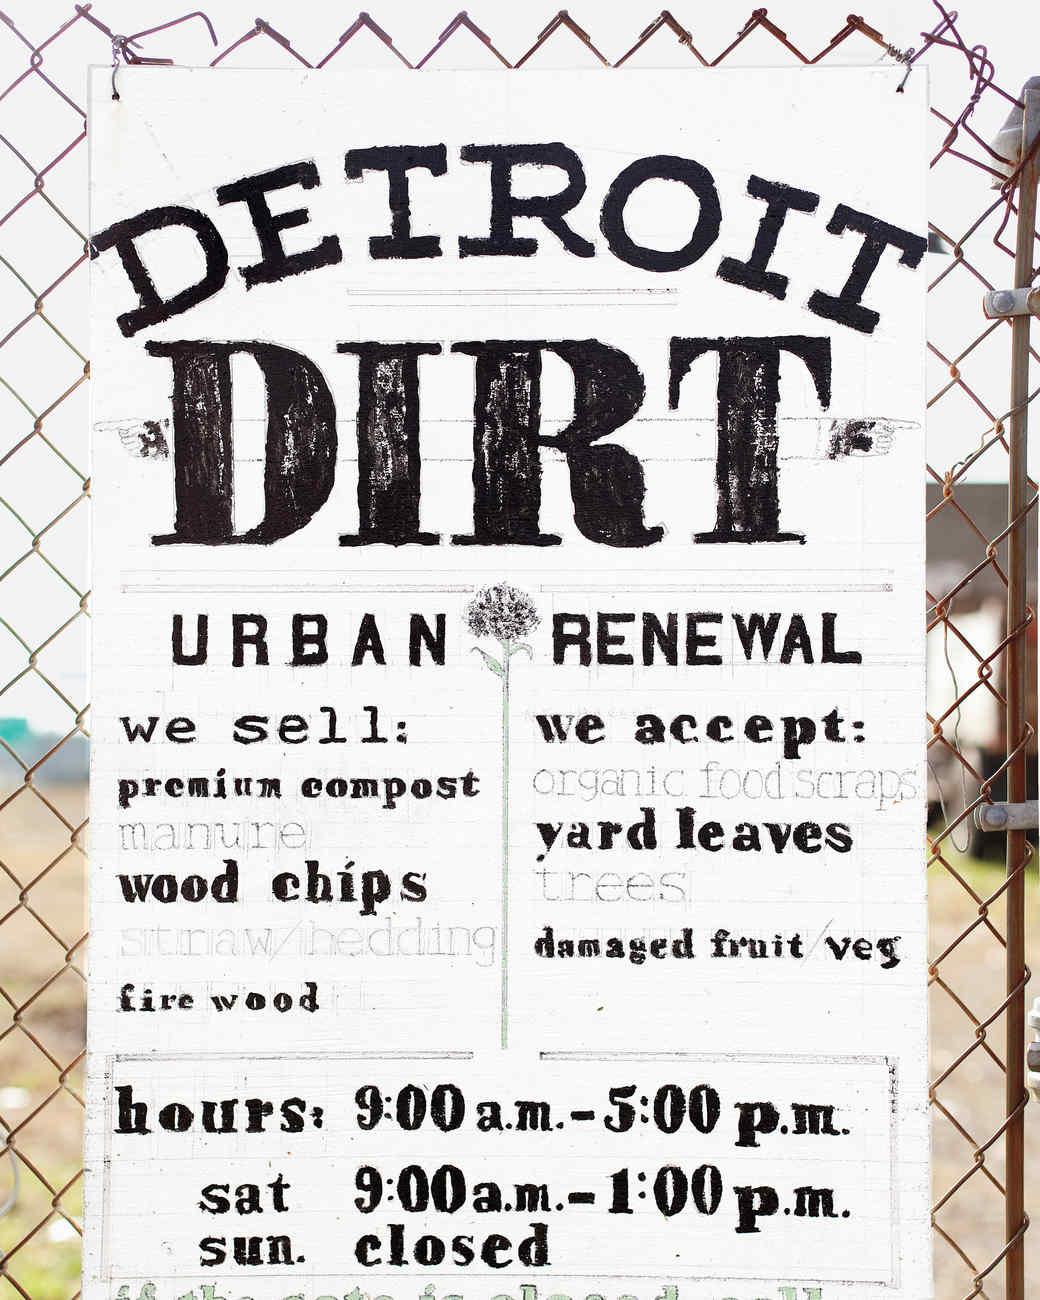 detroit-dirt-american-made-31-d111675.jpg